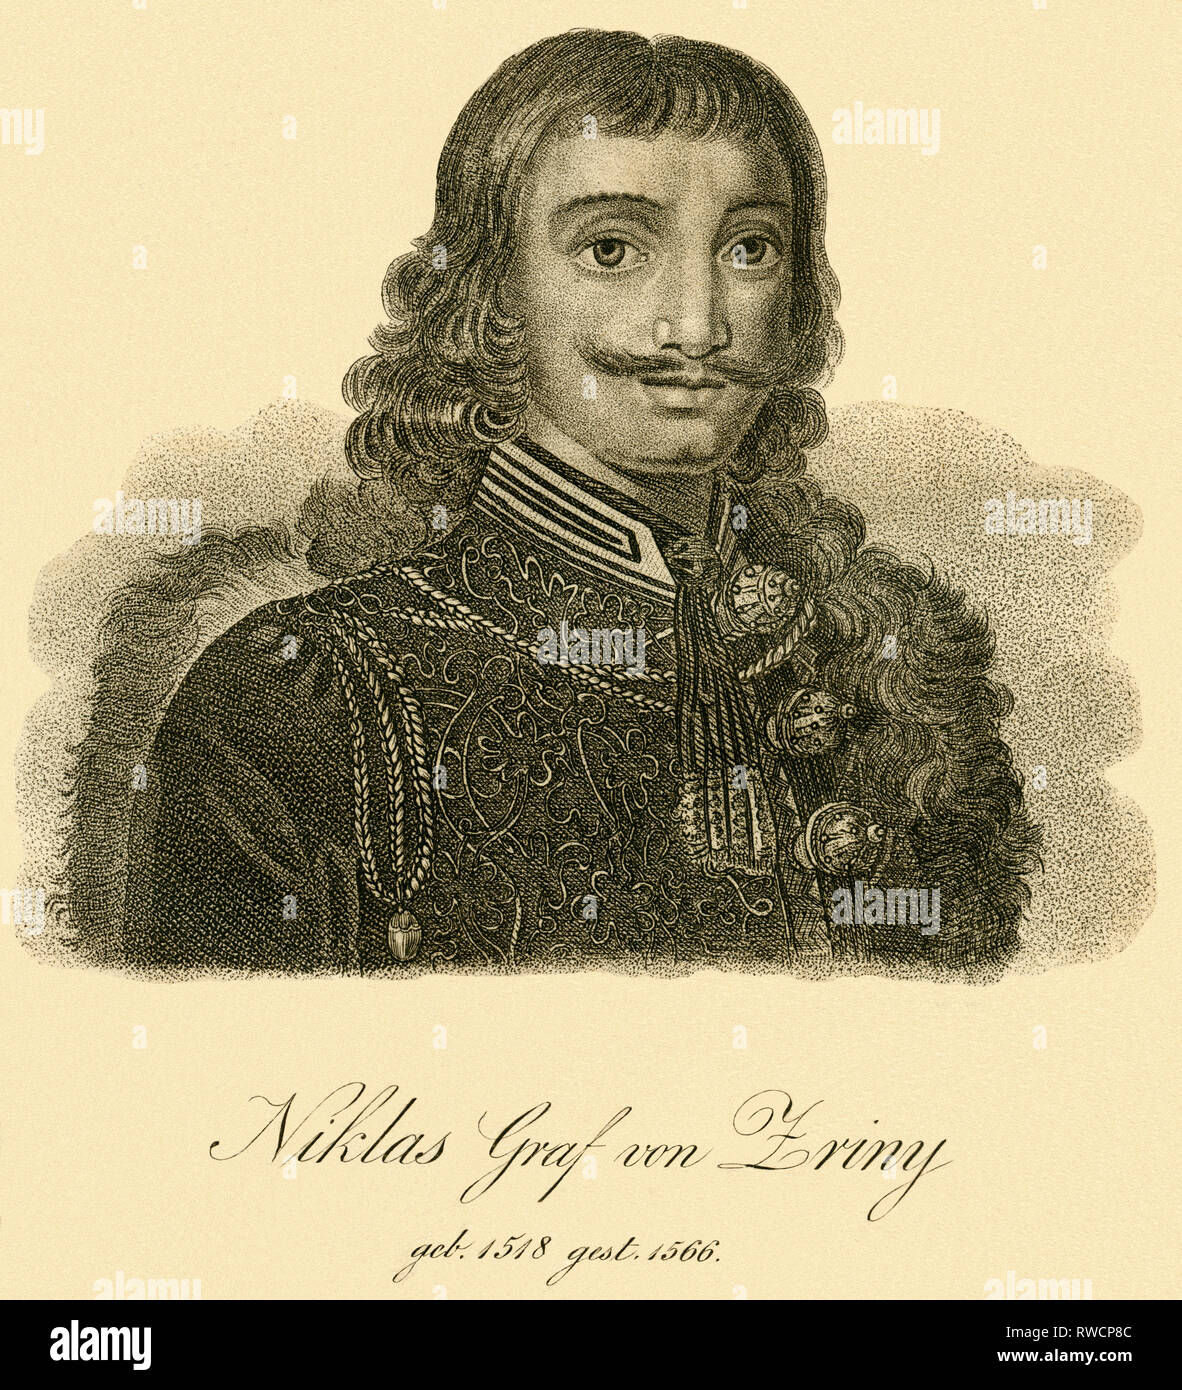 Niklas Conte Zriny, nobiltà croata, stratega, incisione su rame su carta a mano, intorno al 1750, l'artista del diritto d'autore non deve essere cancellata Immagini Stock